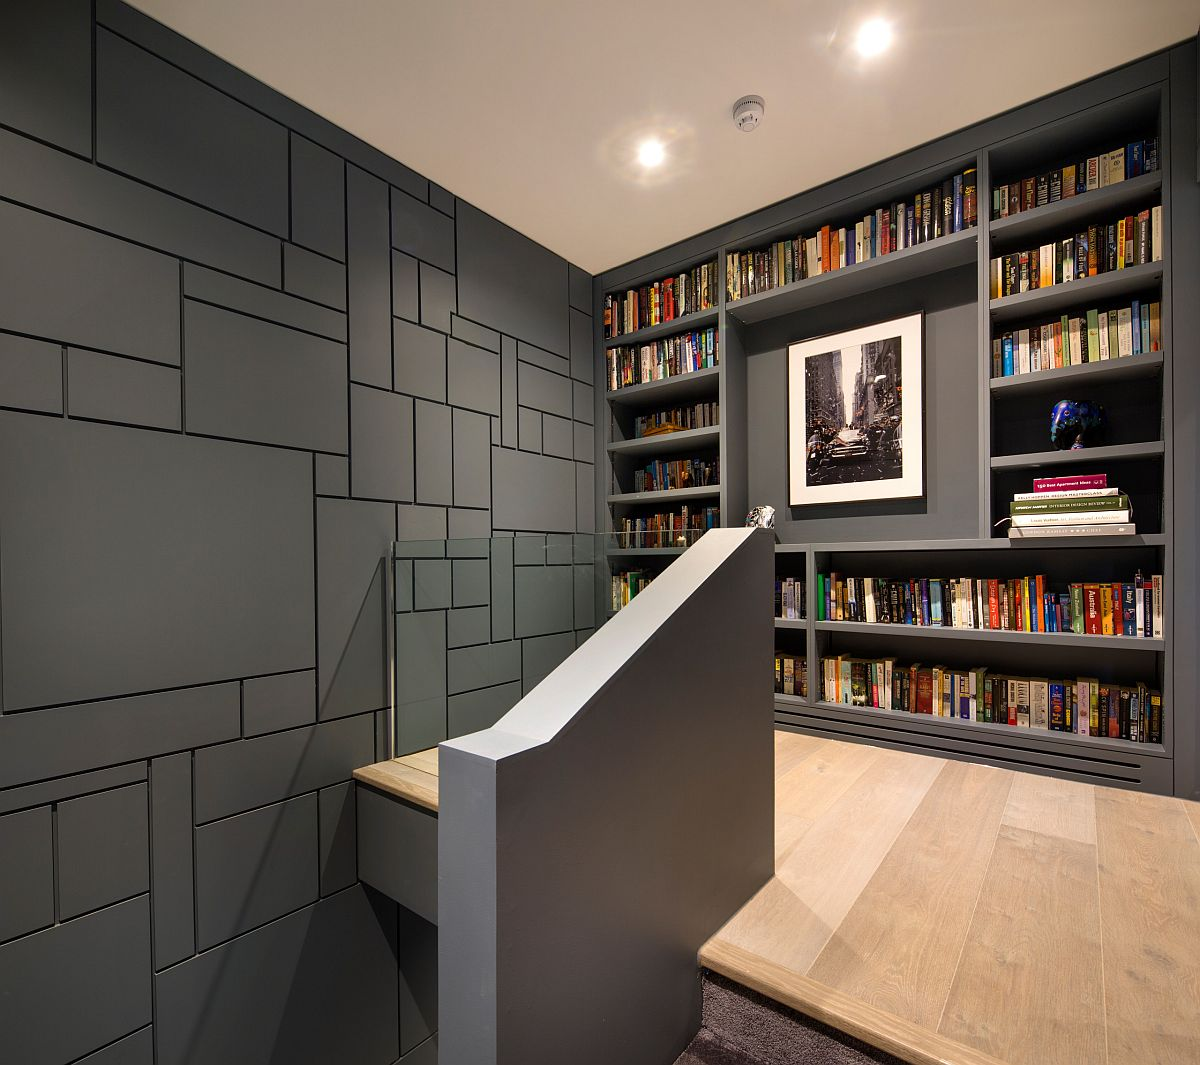 Những bức tường xám tuyệt đẹp làm tăng thêm phong cách tinh tế của giá sách hiện đại này.